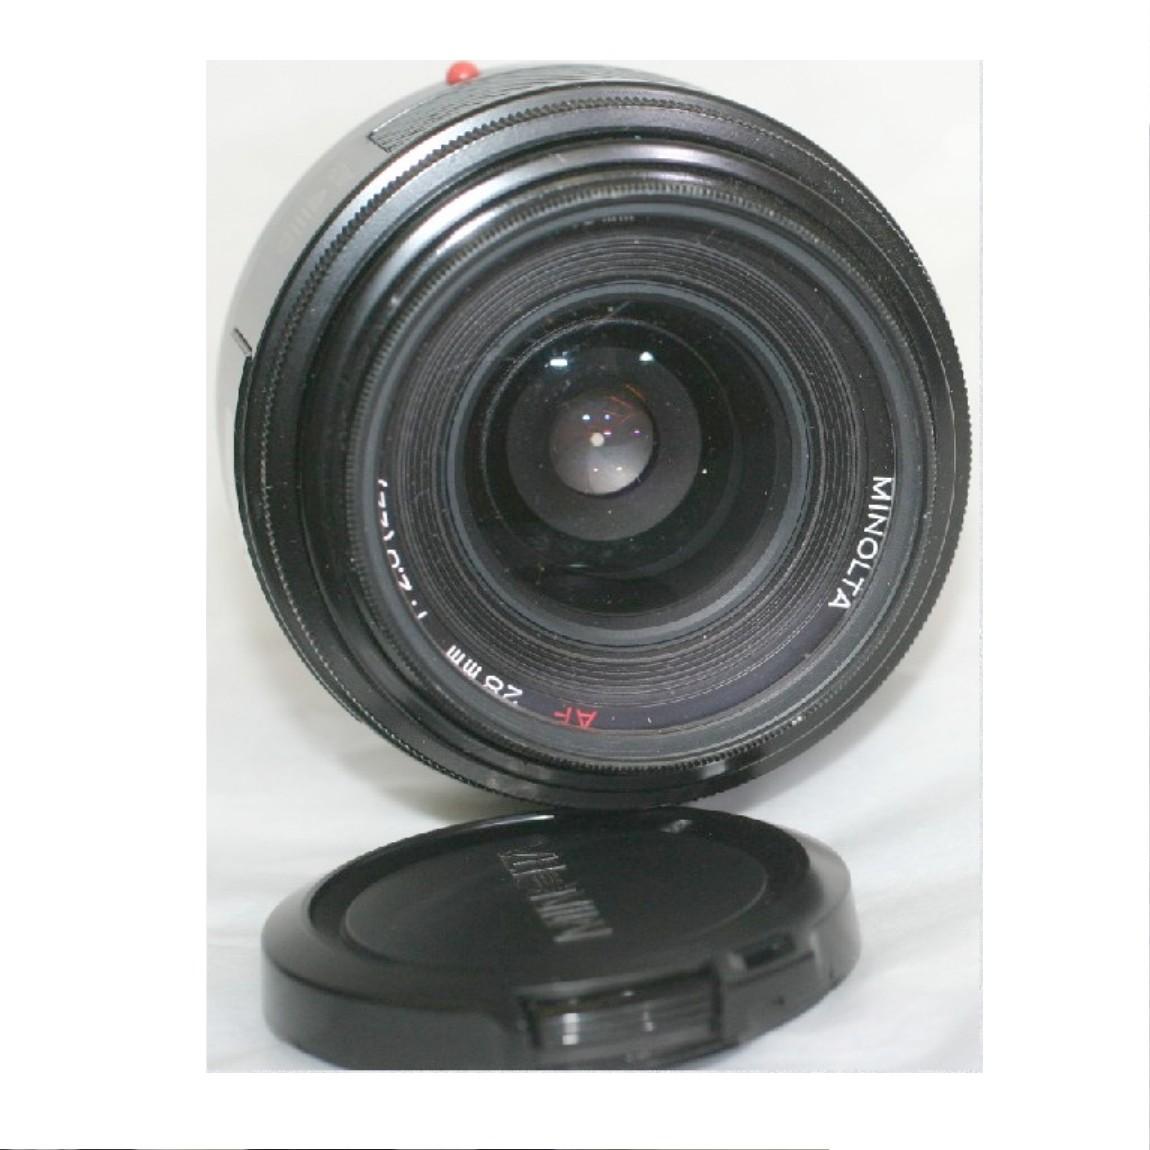 【中古】完動美品ミノルタAF28mmF2,8広角レンズソニー1眼レフデジタルカメラにも使用可能動作確認済み1ヶ月保障つき ○F12-2-3